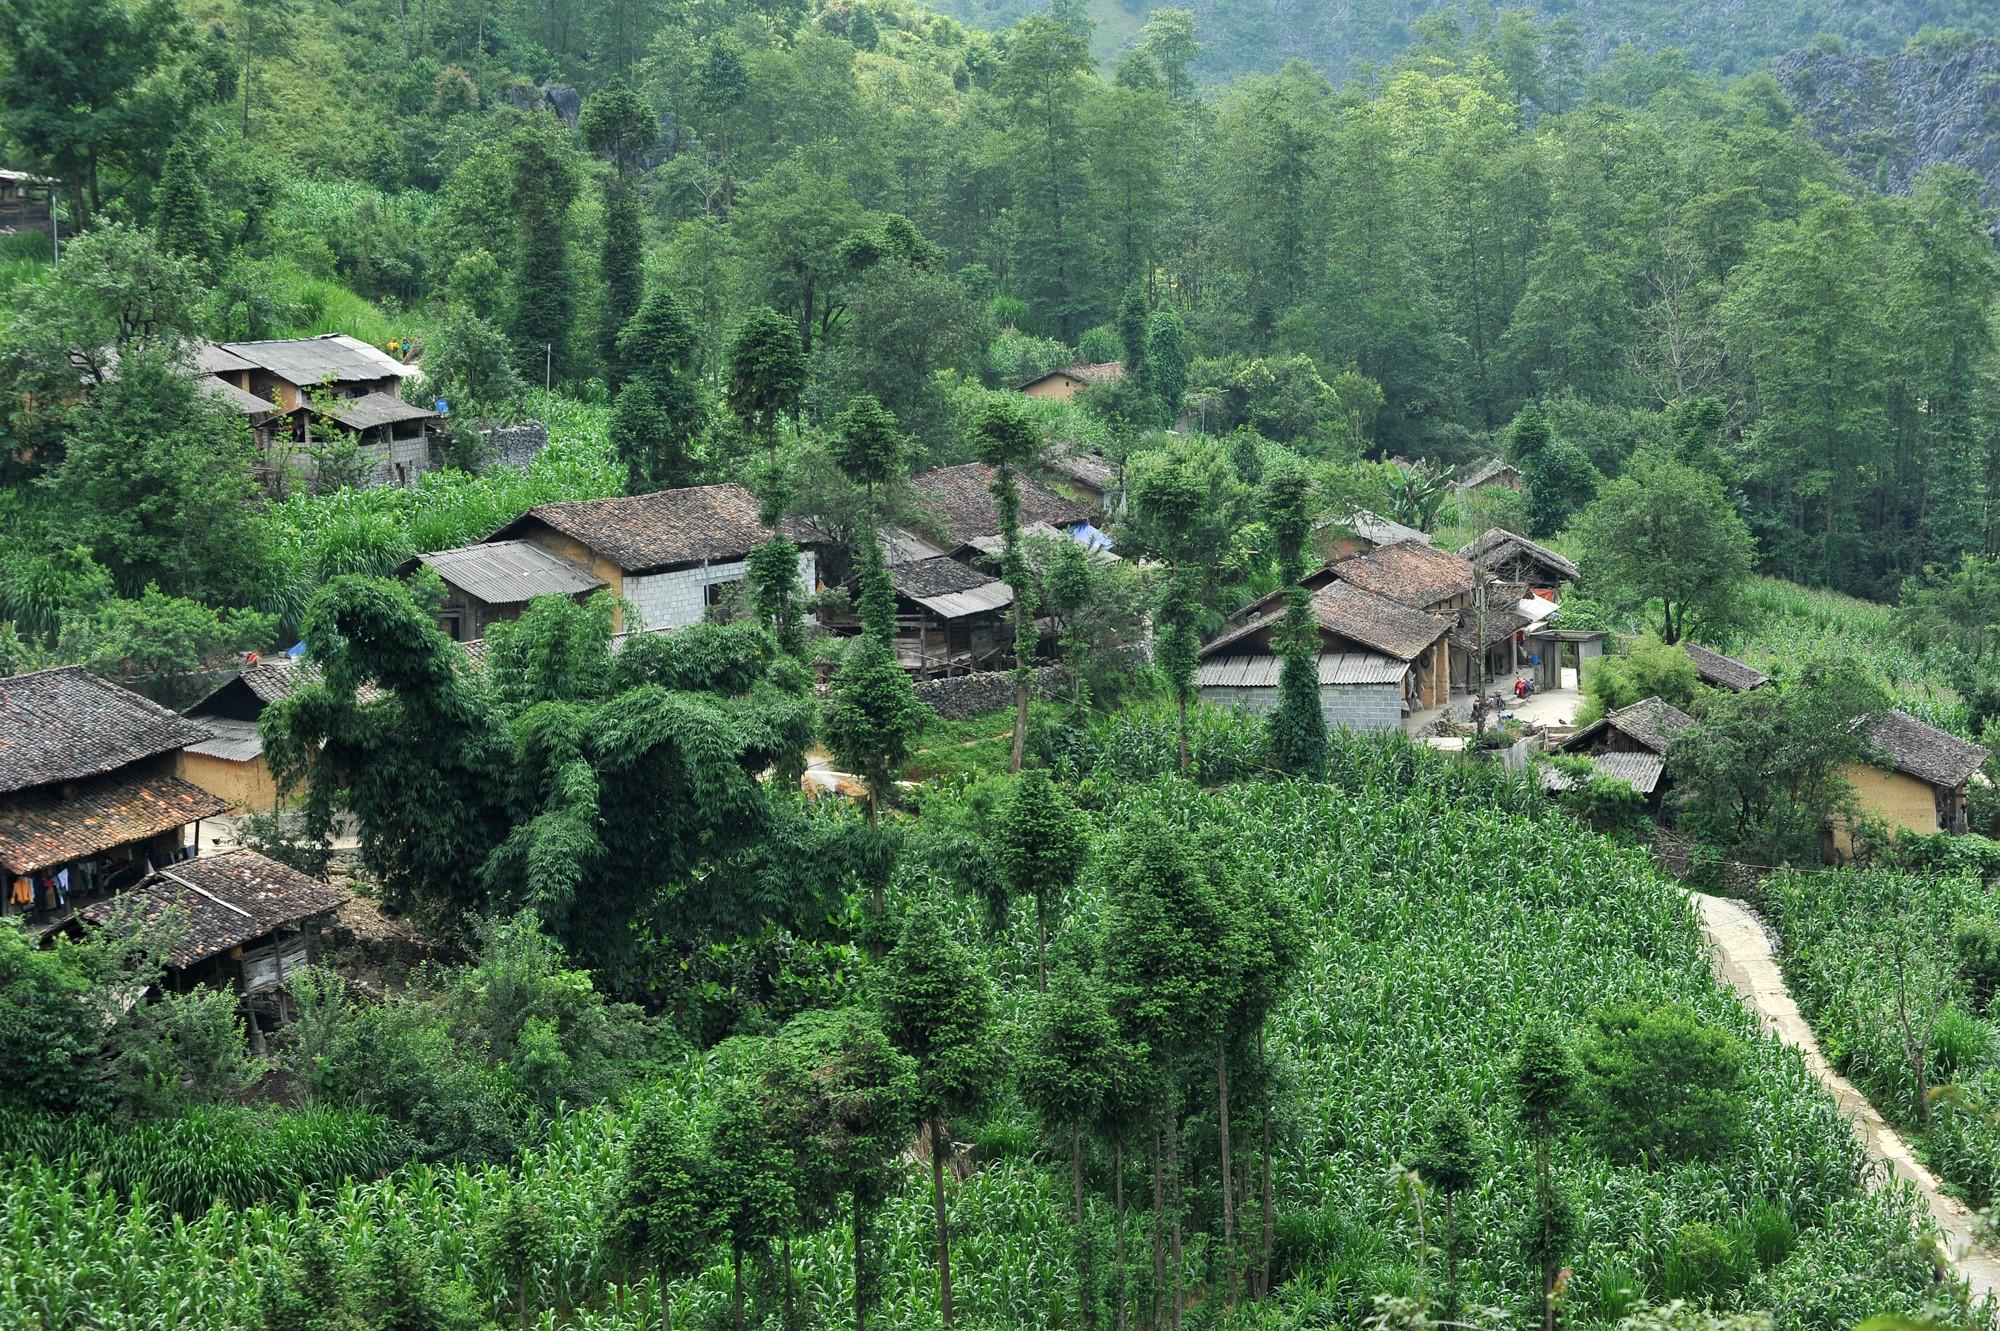 Mùa ngô xanh mướt trên cao nguyên đá Đồng Văn - 6